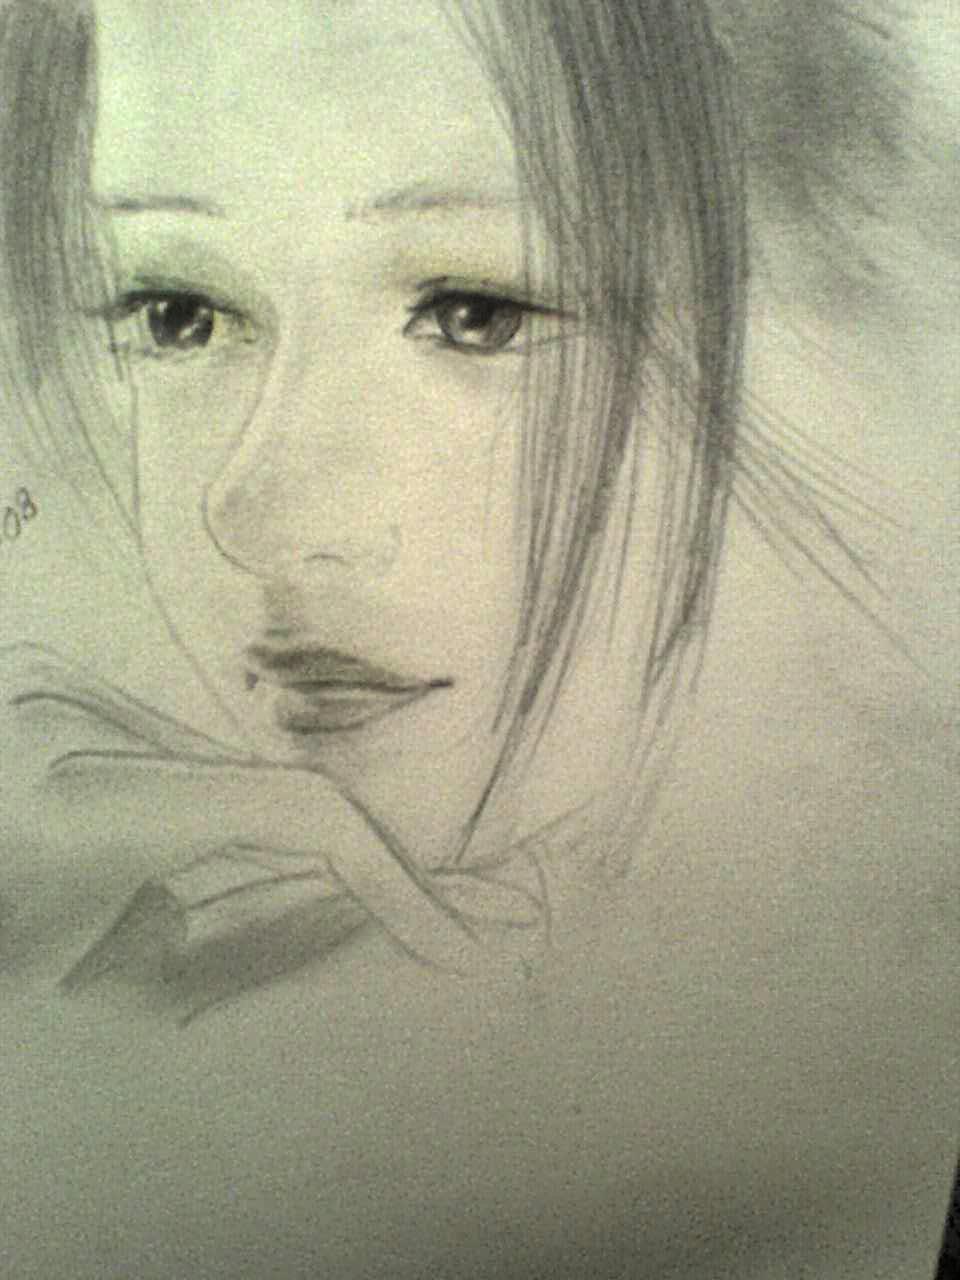 Dos nuevos dibujoS*** | My own Dimension